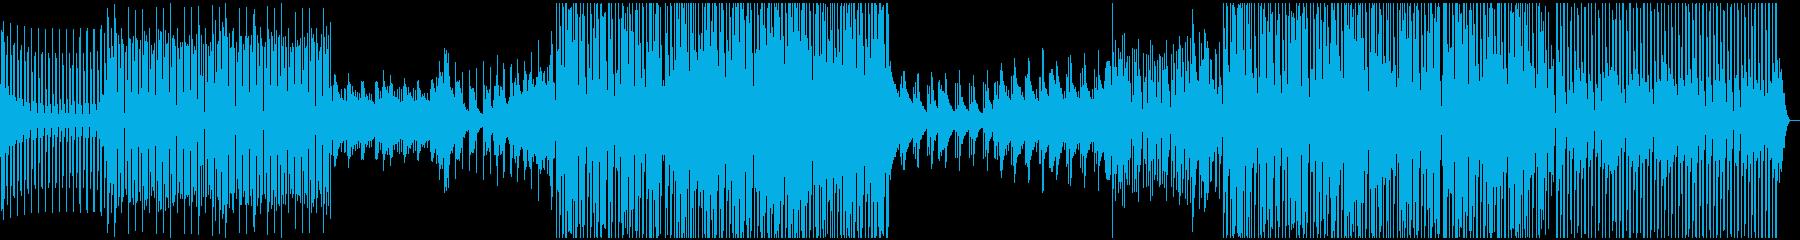 ディープ・ハウス。深いベースラインの再生済みの波形